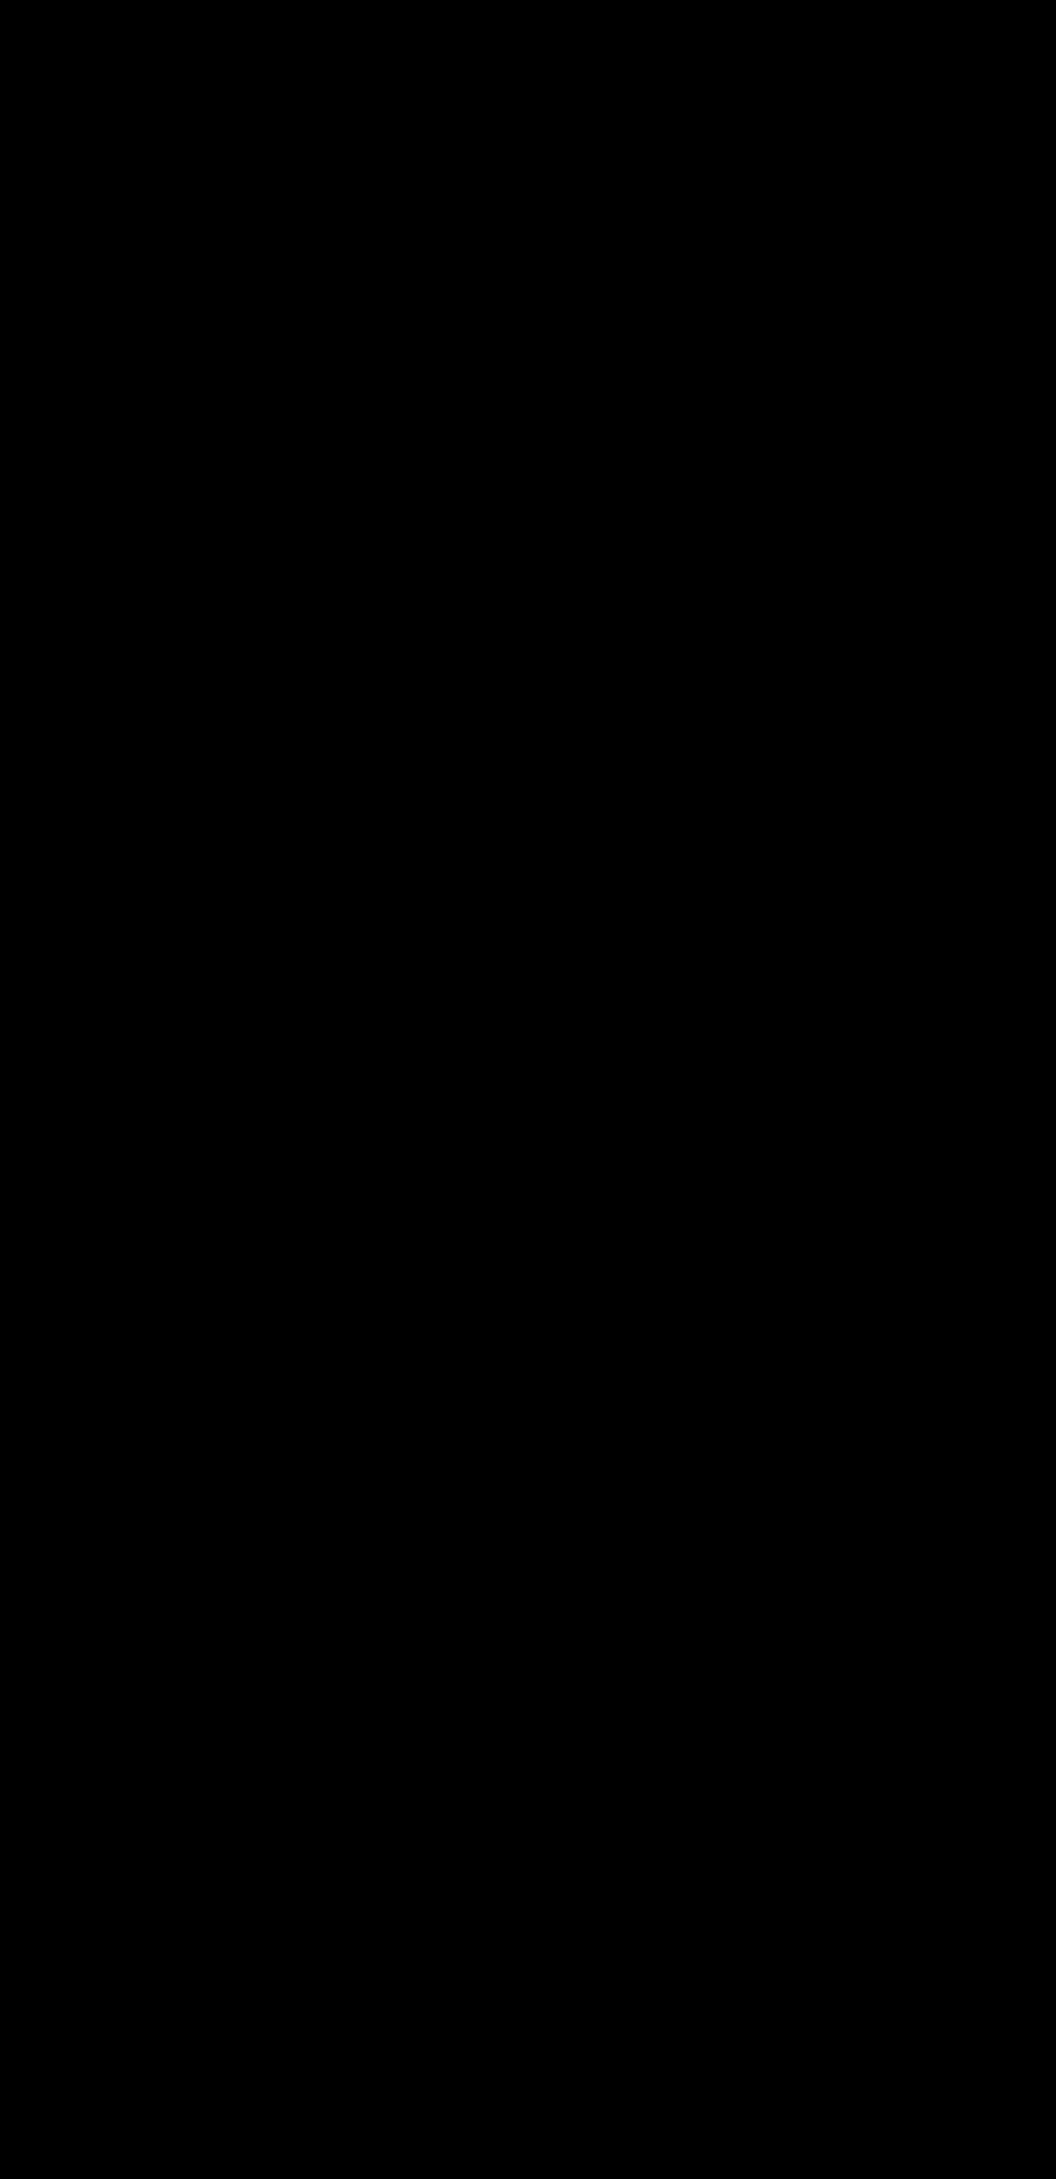 abar11.PNG